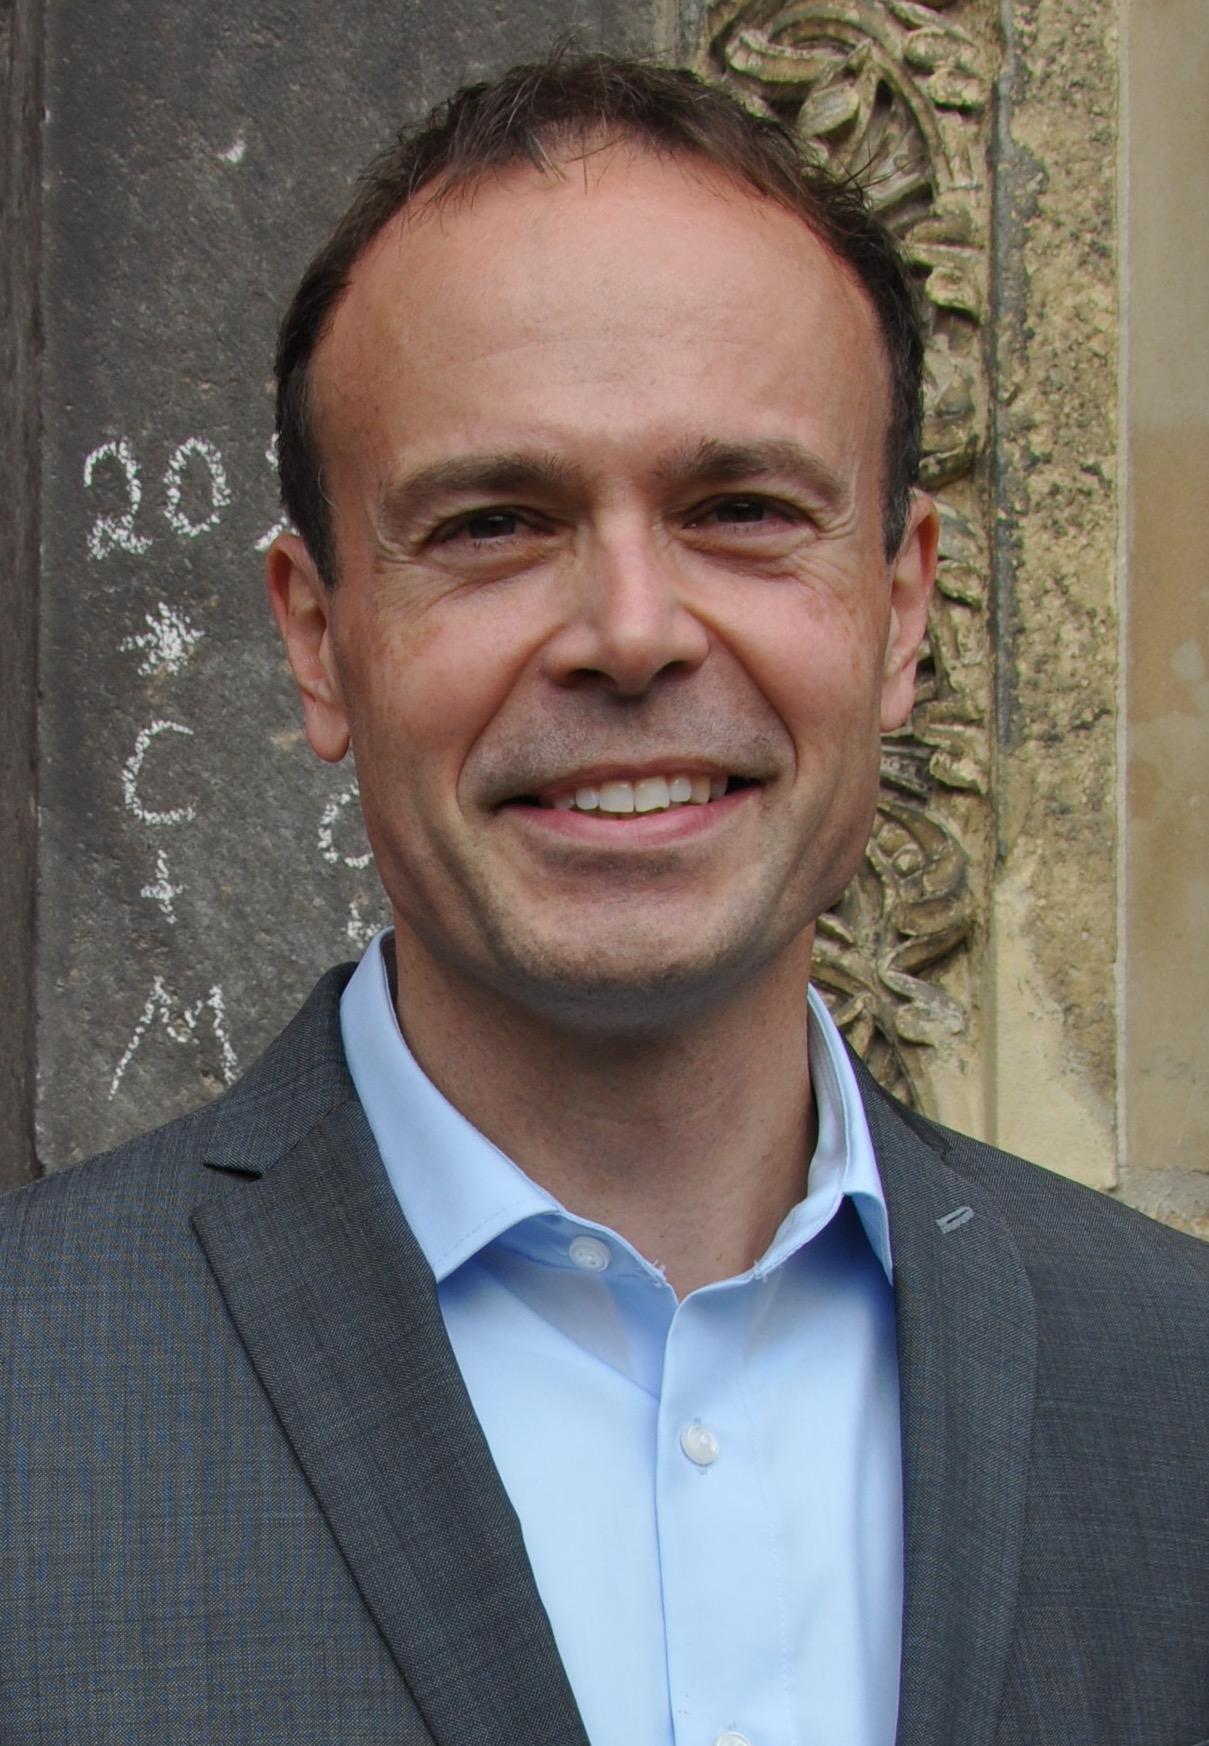 Carsten Colberg